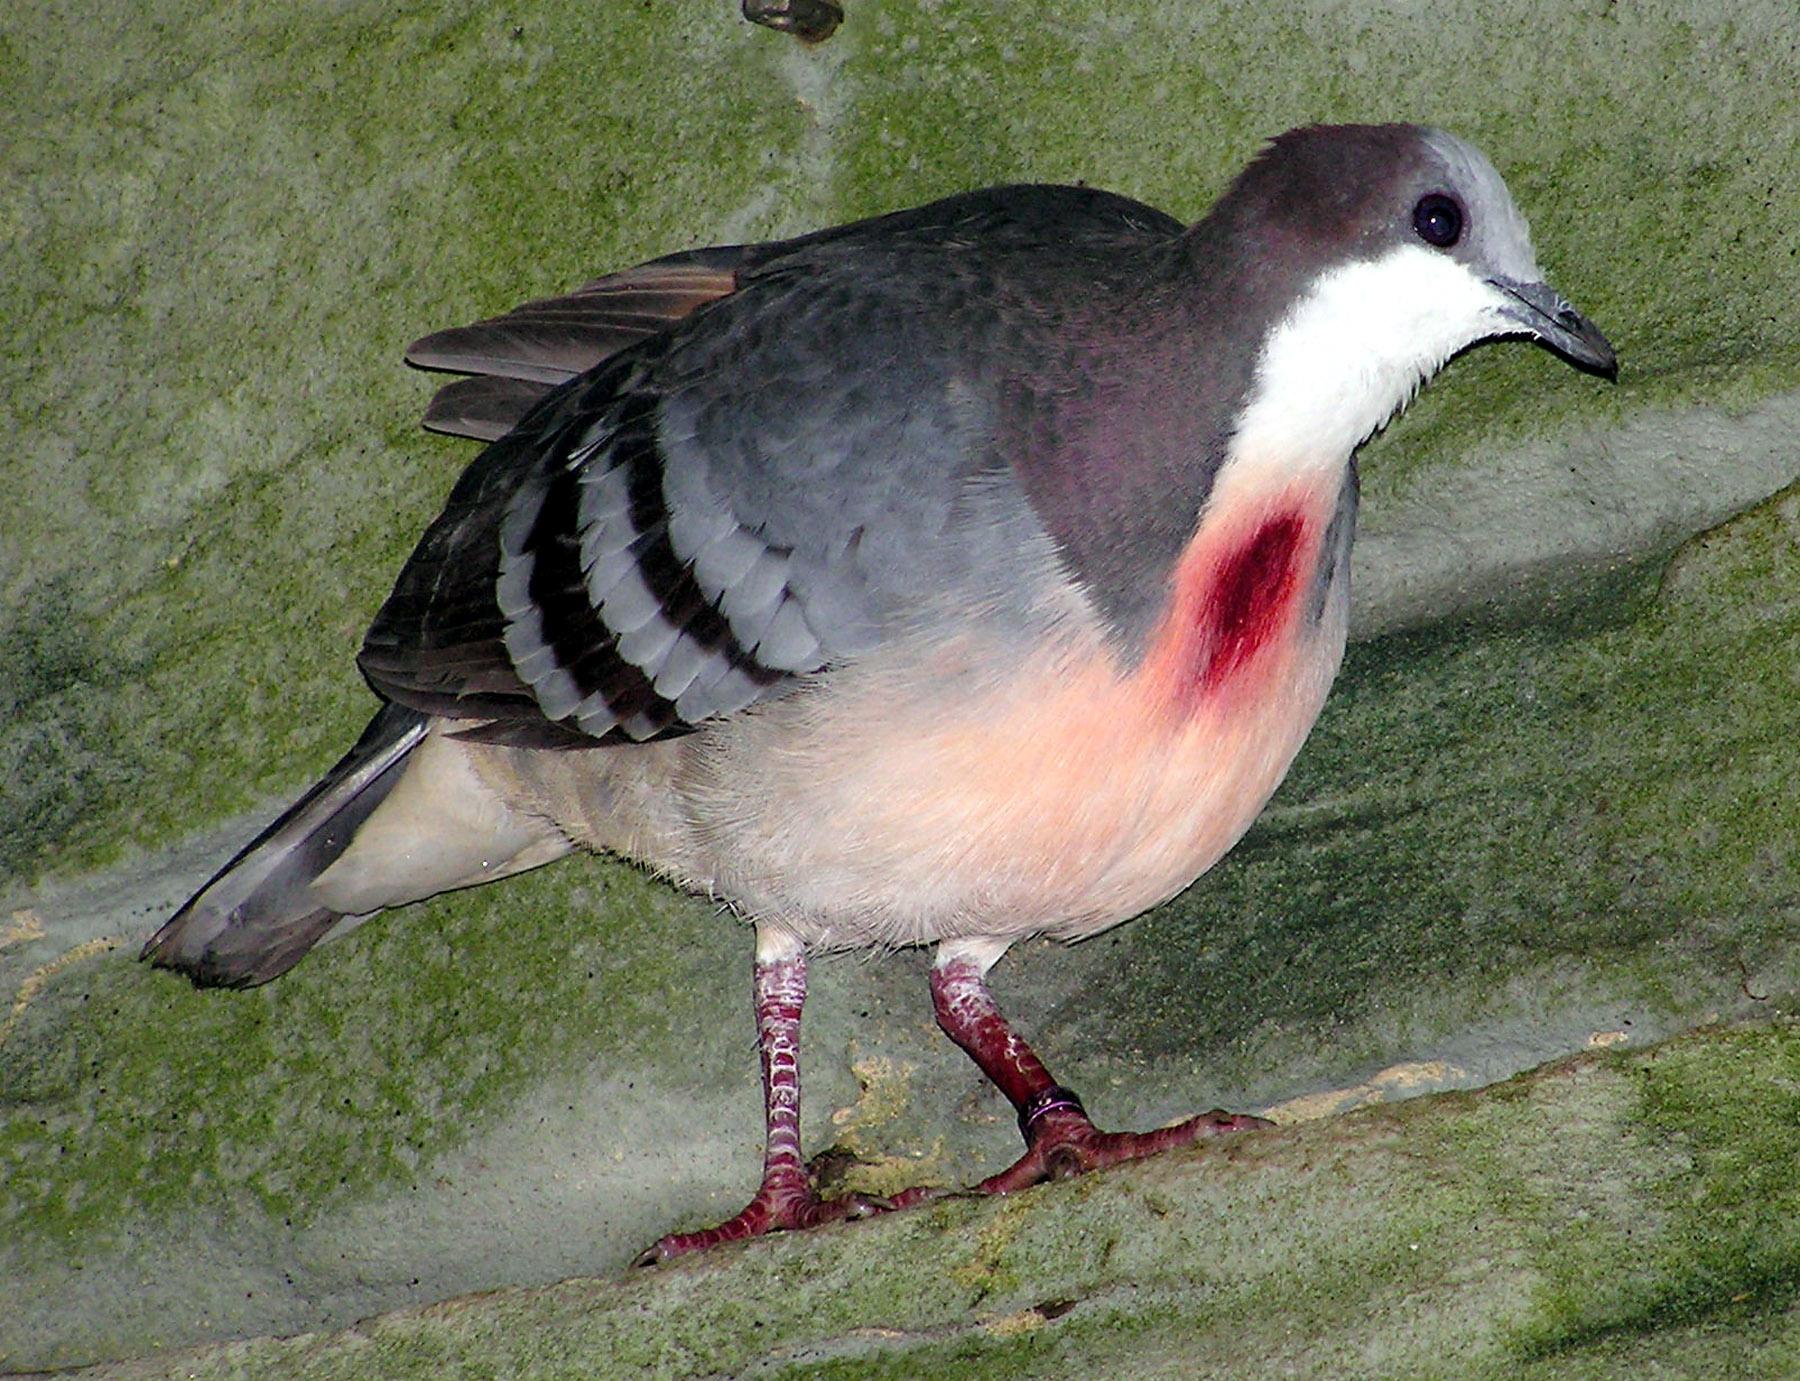 صوره حمامة القلب الدامي , اجمل طيور الفلبين